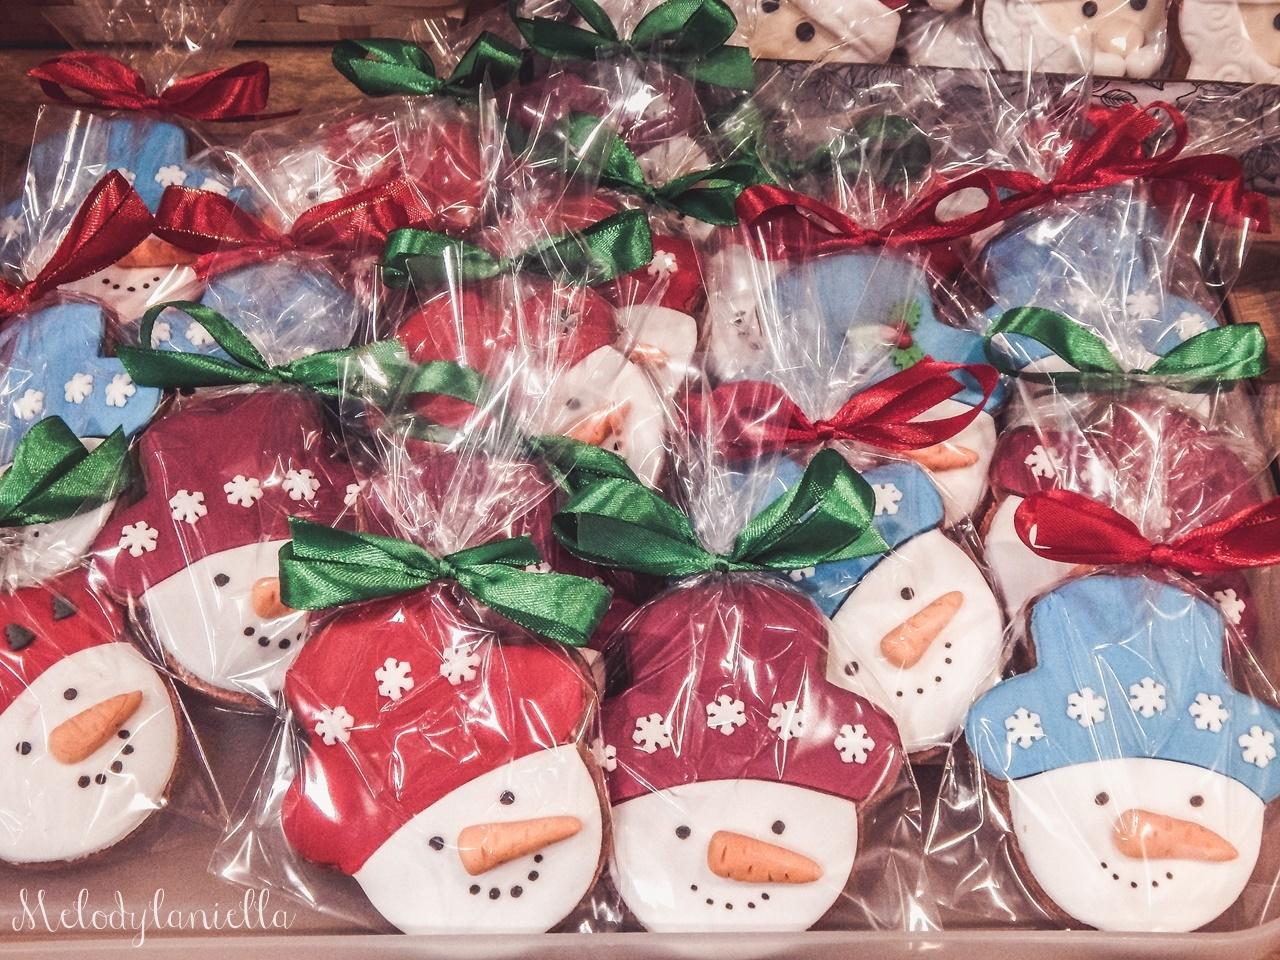 4 nietypowy jarmark świąteczny piotrkowska 217 co dzieje się w łodzi dwukropek ogrody zofii bożonarodzeniowy jarmark targ świąteczny świat z lukru pierniki świąteczne łódź biżuteria handmade piando zigner